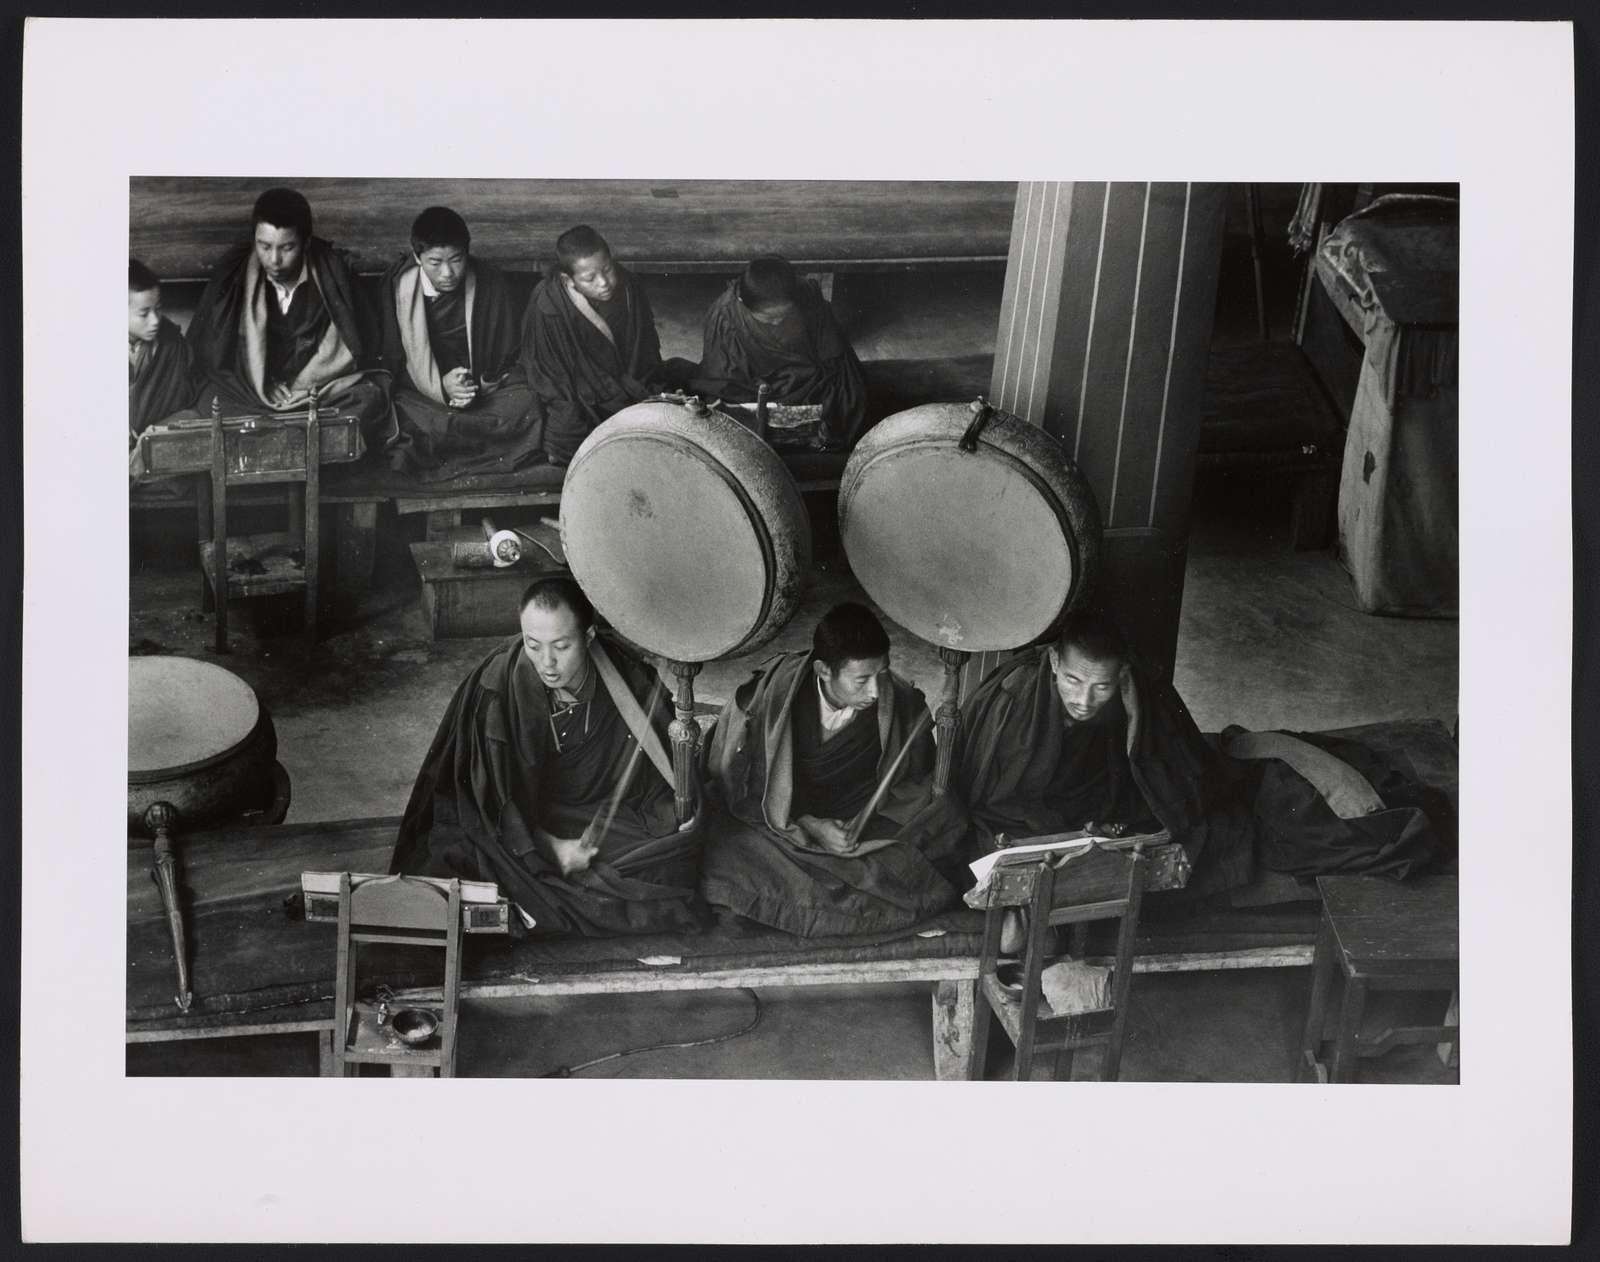 [Drumbeats accompany prayers inside temple]